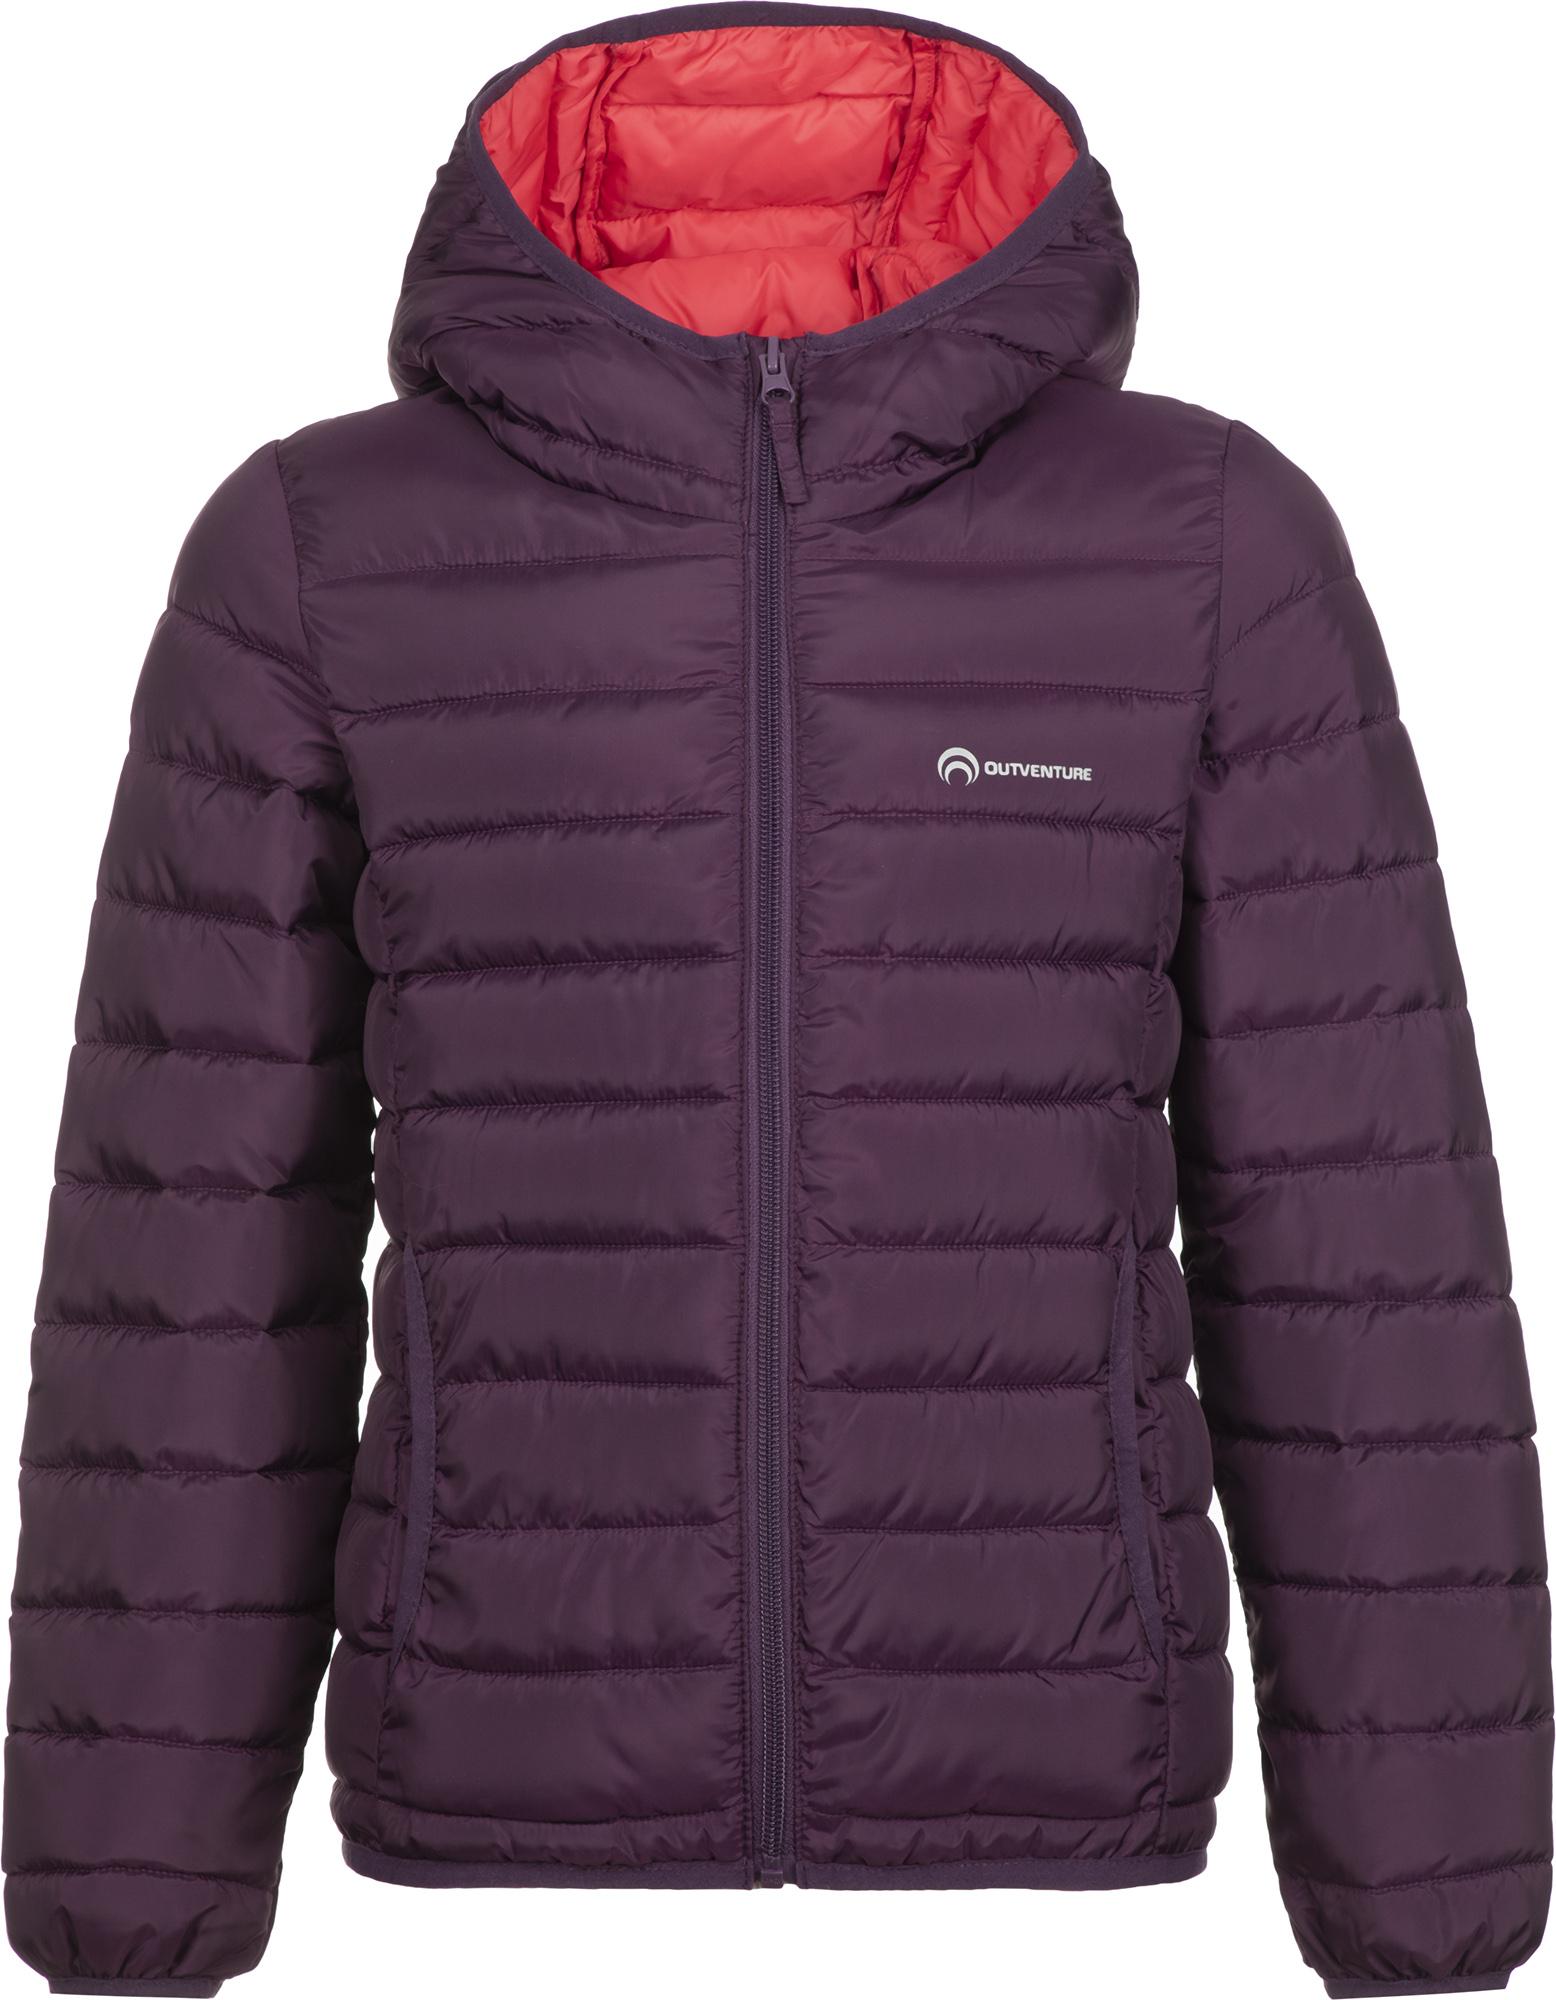 Фото - Outventure Куртка утепленная для девочек Outventure, размер 116 outventure куртка утепленная для девочек outventure размер 134